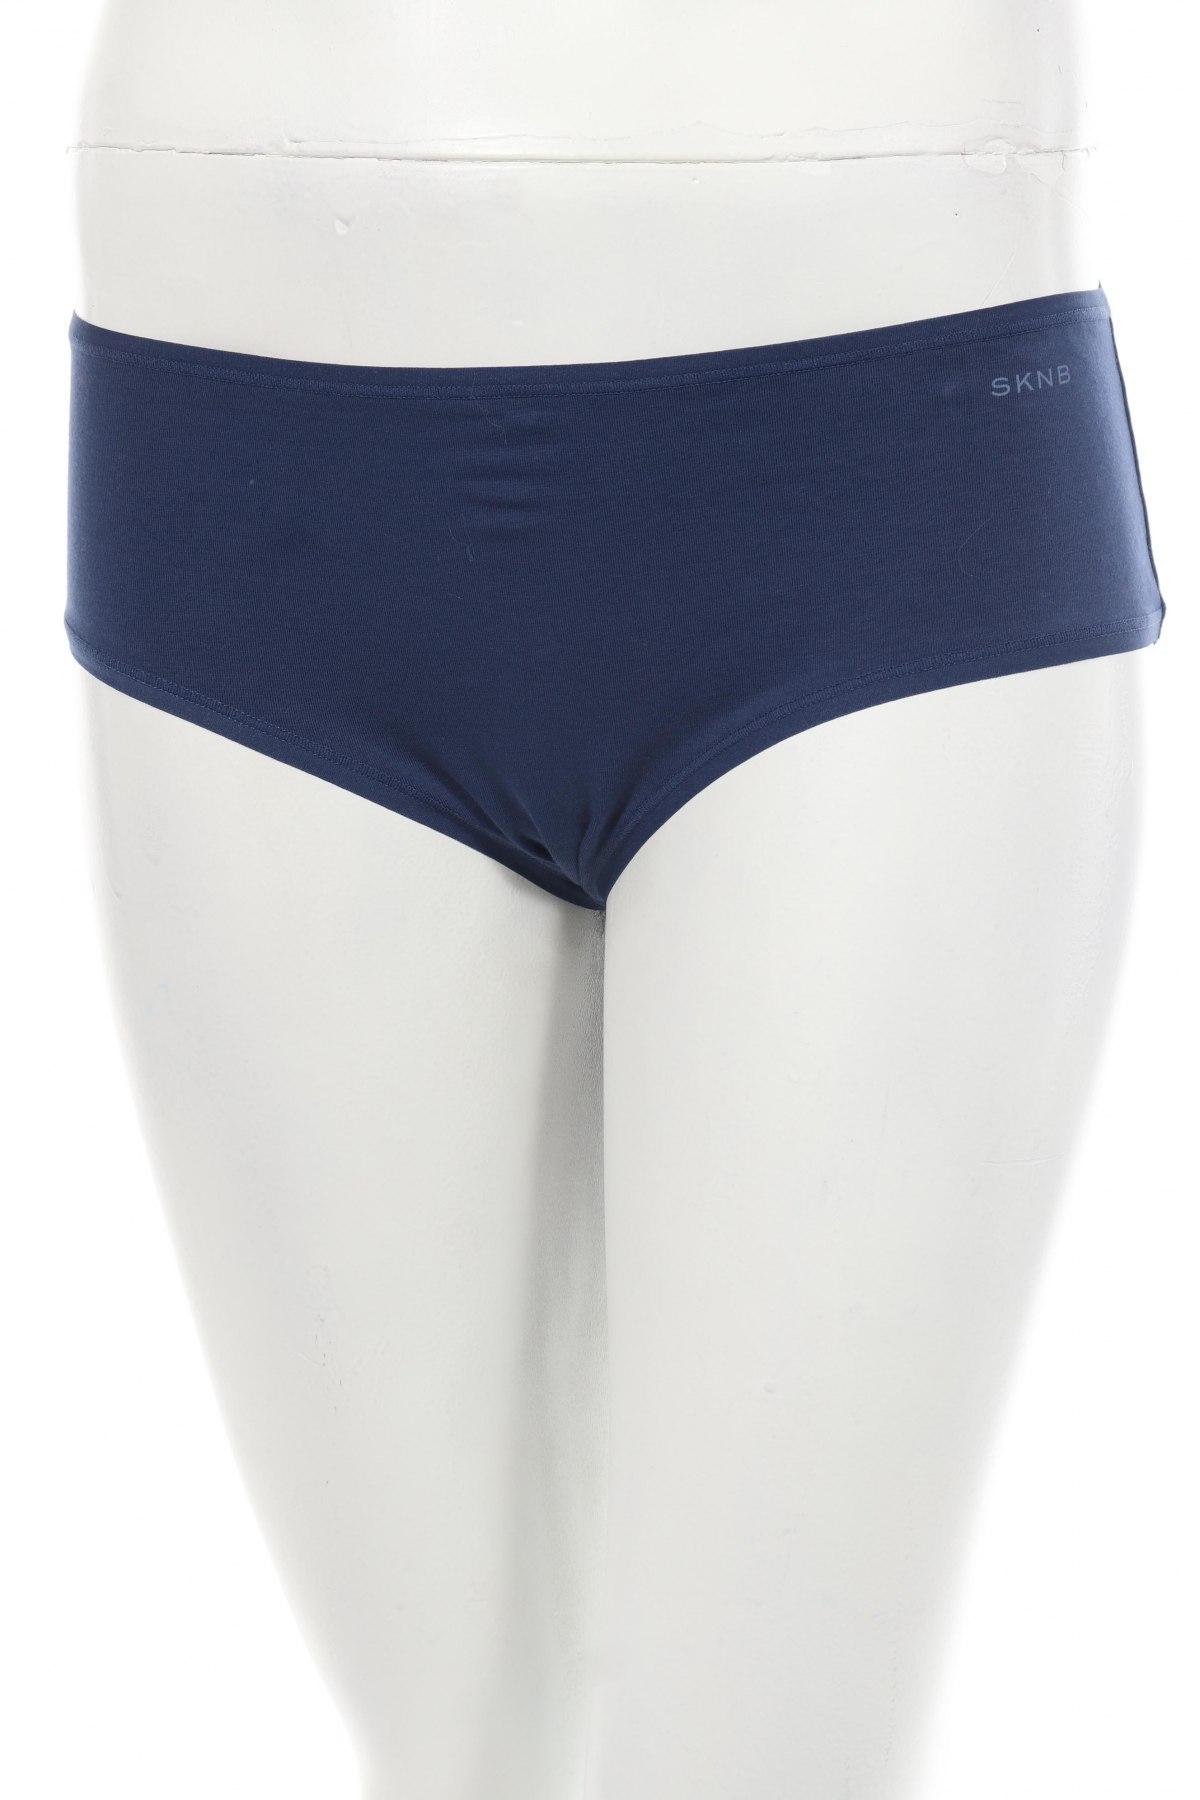 Дамски комплект SKNB, Размер L, Цвят Син, 95% памук, 5% еластан, Цена 23,31лв.